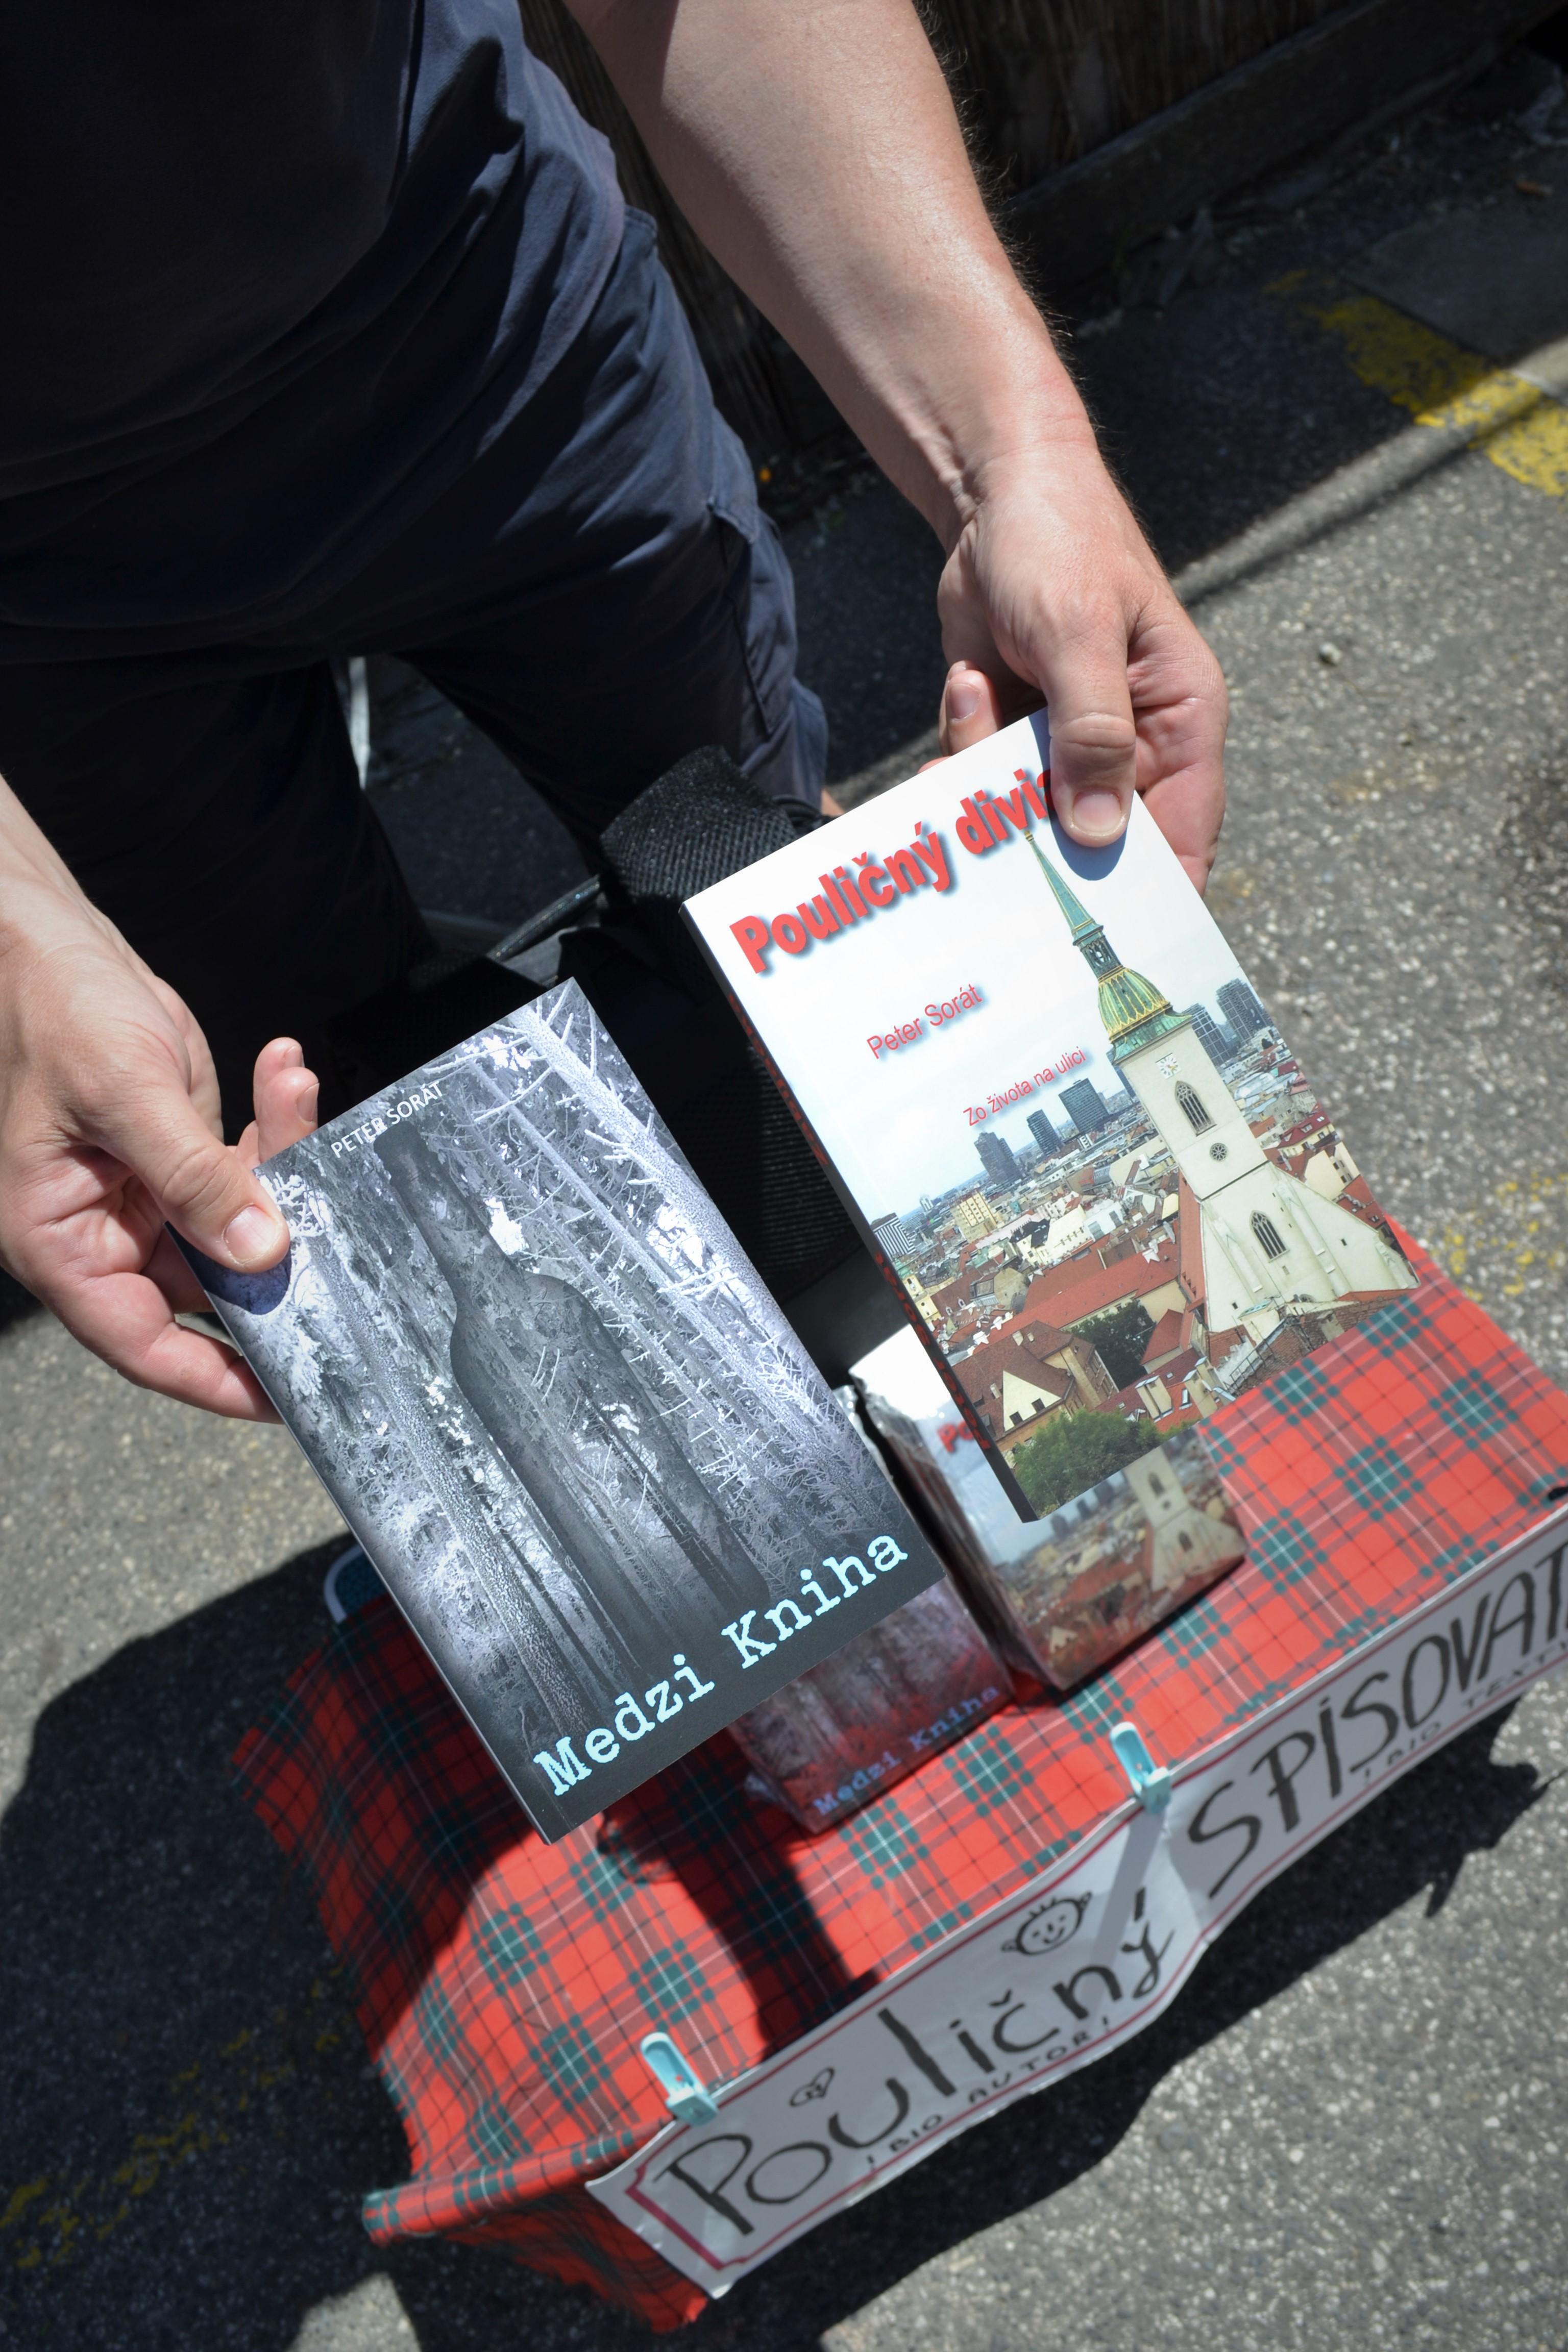 """Petet Sorat predáva svoje knihy """"z pultov ulíc"""" nielen na bratislavskom trhovisku, ale aj po jarmokoch na Slovensku. Zdroj: Alžbeta Jánošíková"""